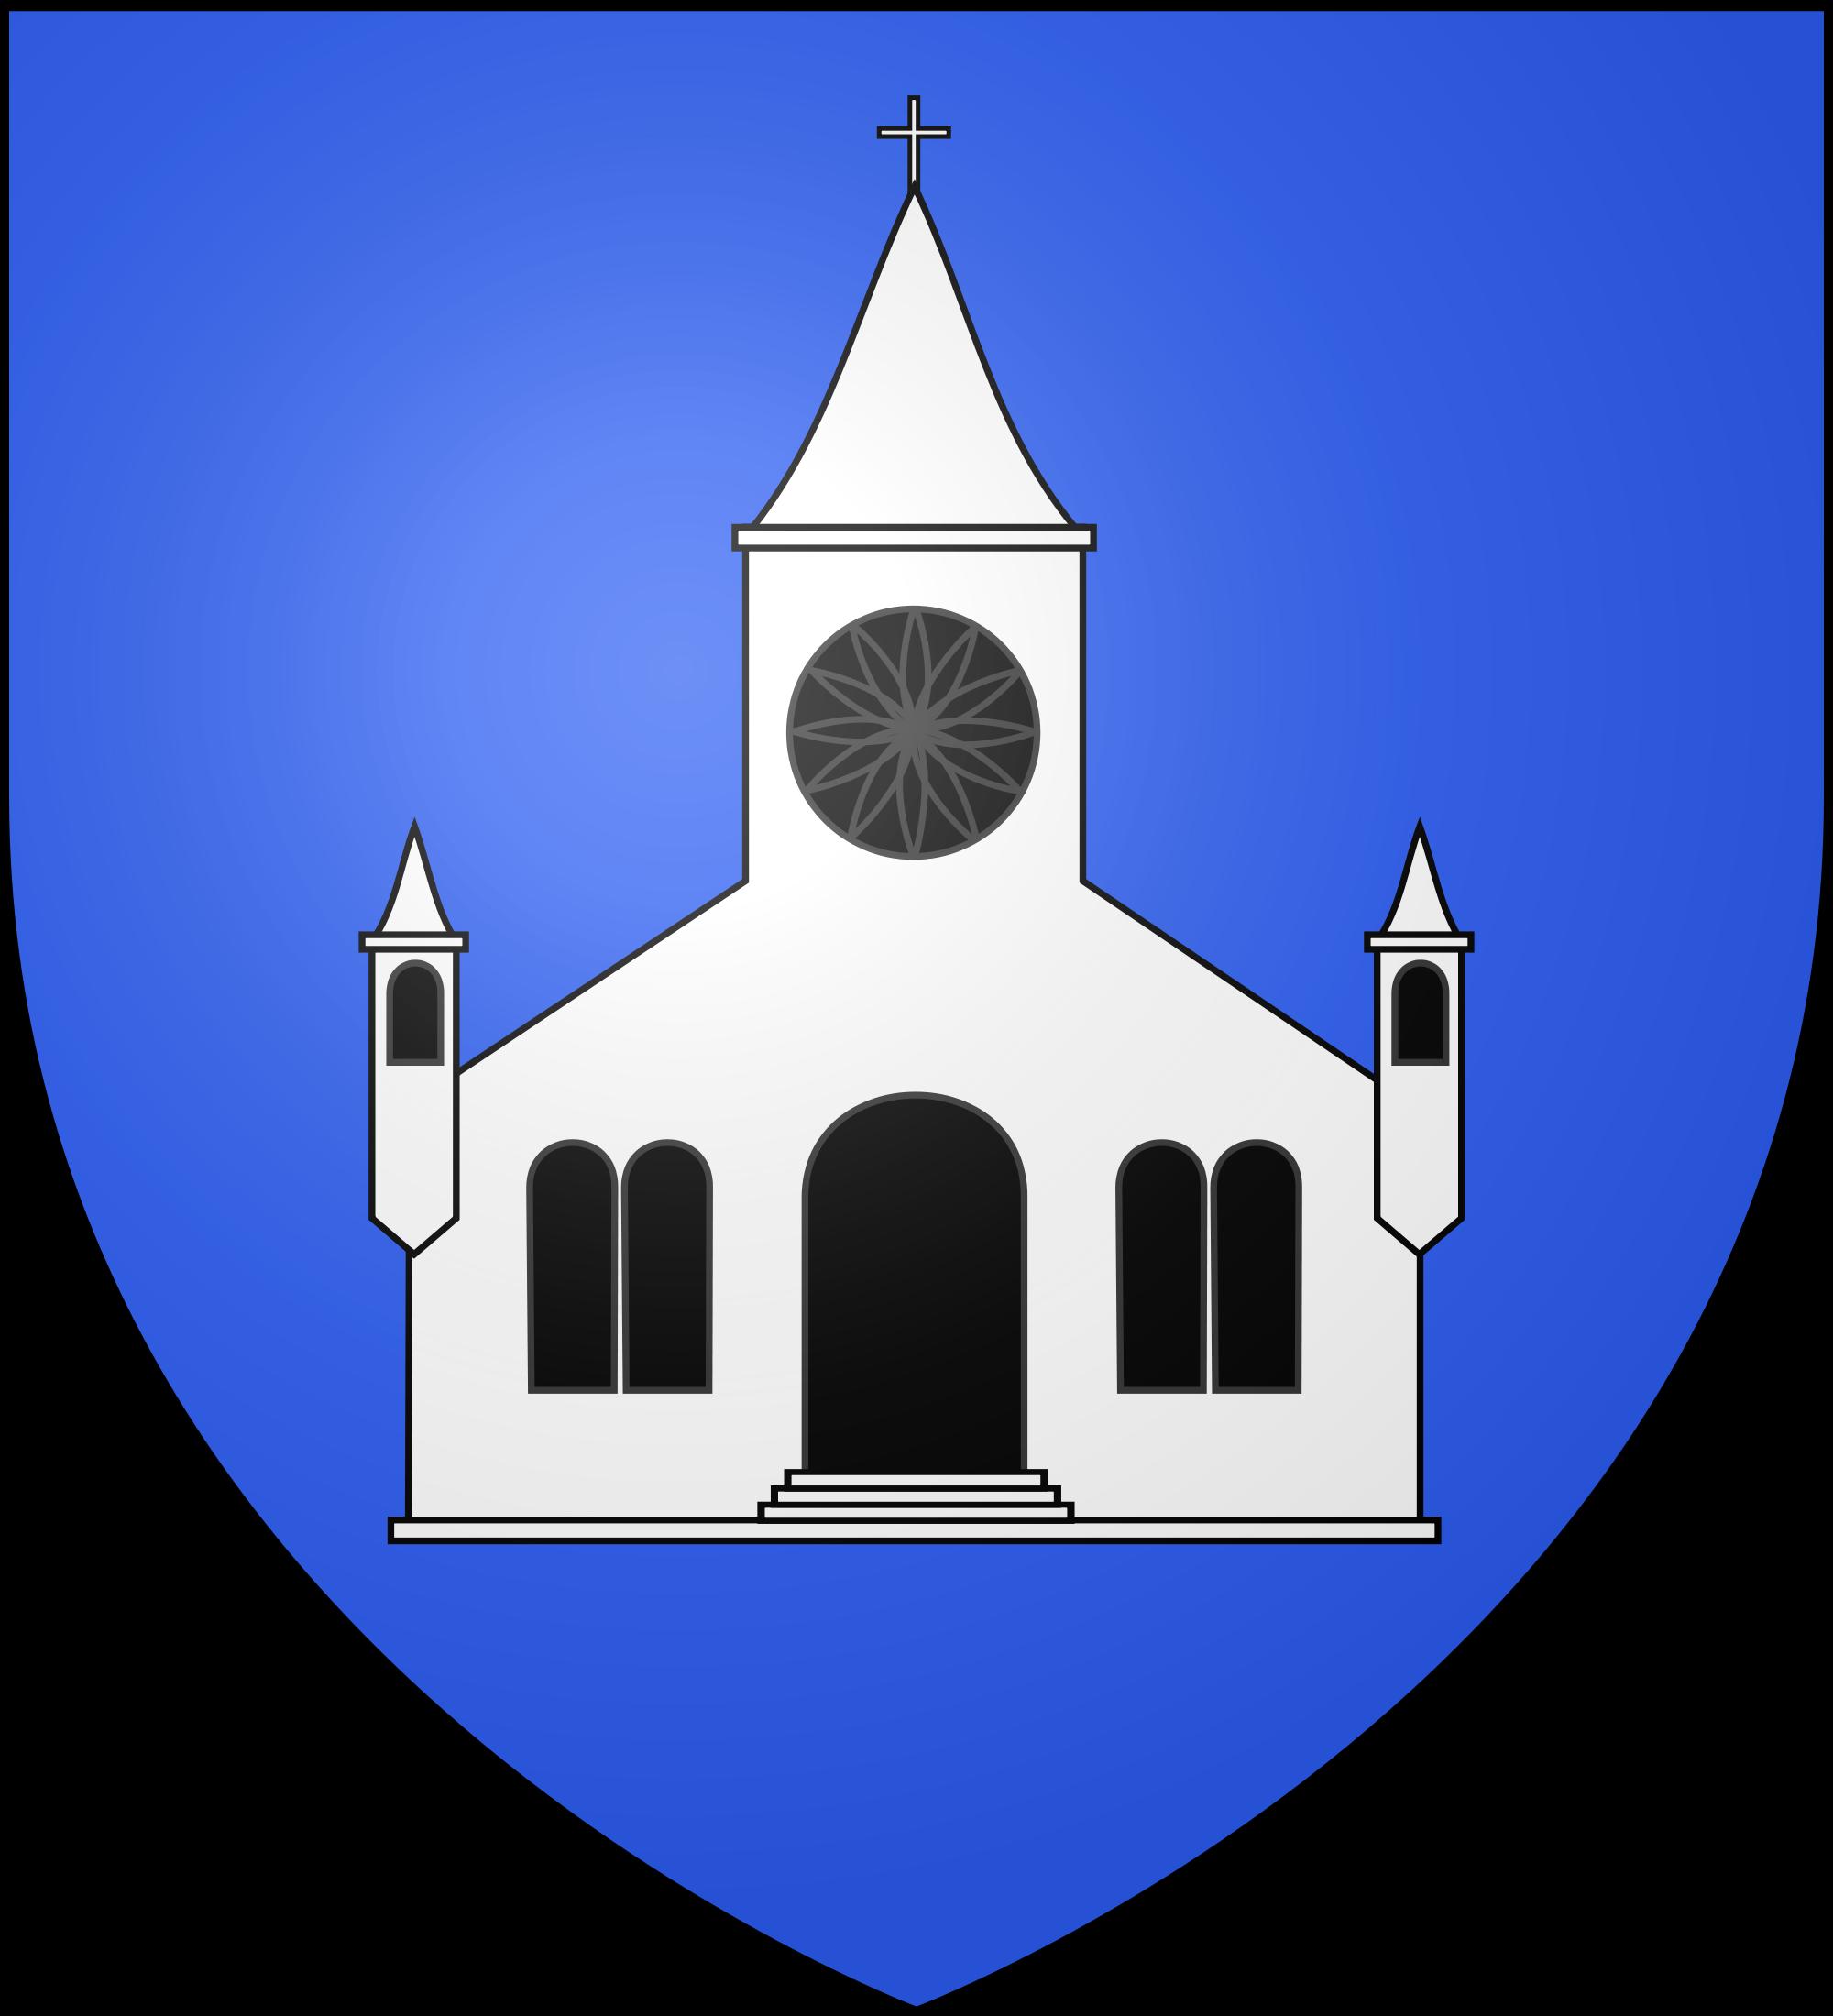 File:Blason ville fr Morteau (Doubs).svg.